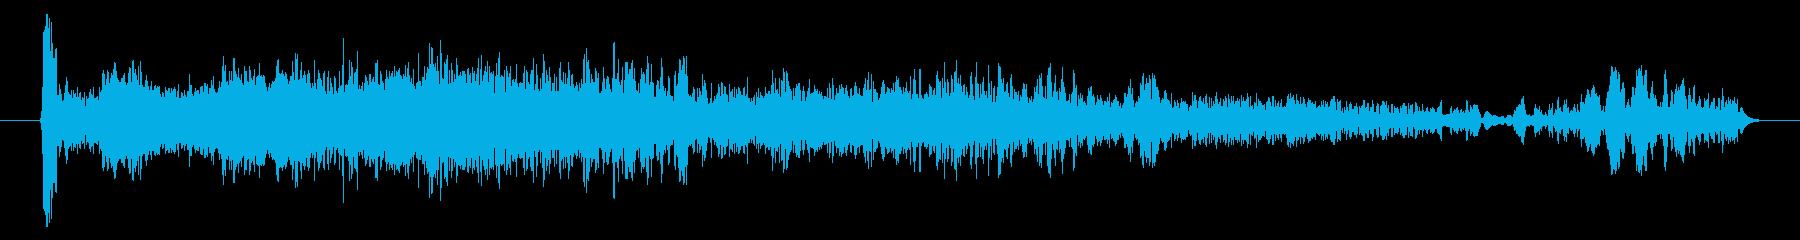 機械ローターの異常爆発の再生済みの波形